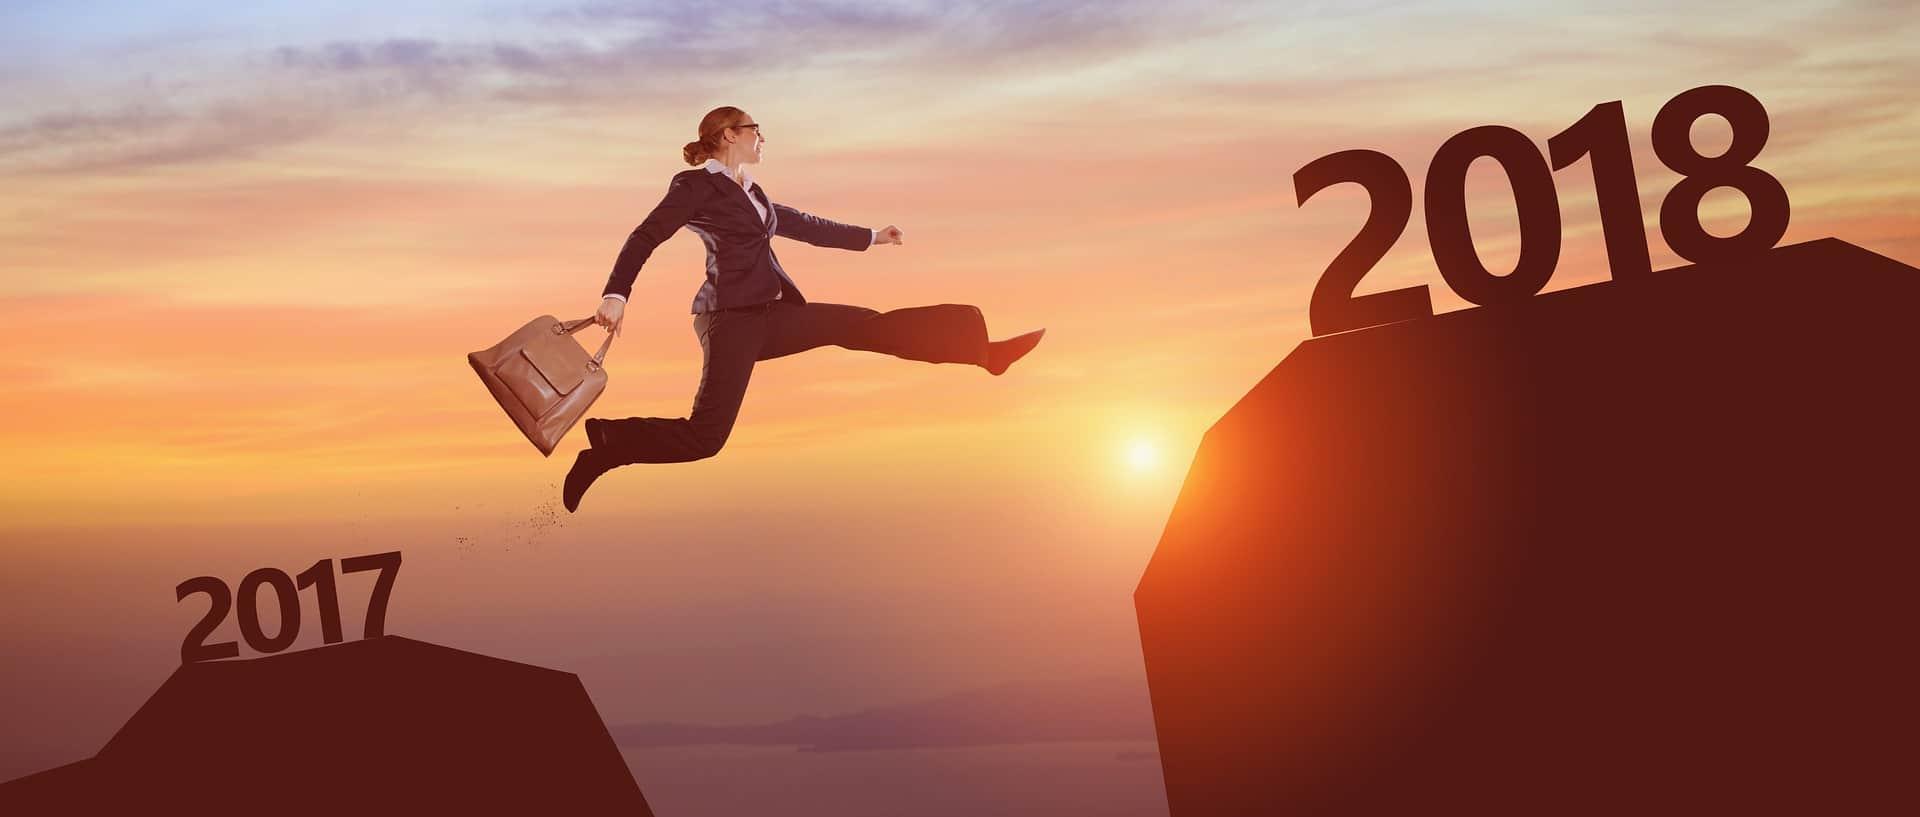 Nieuwe hypotheekregels in 2018 - Ellen Mouthaan Makelaardij